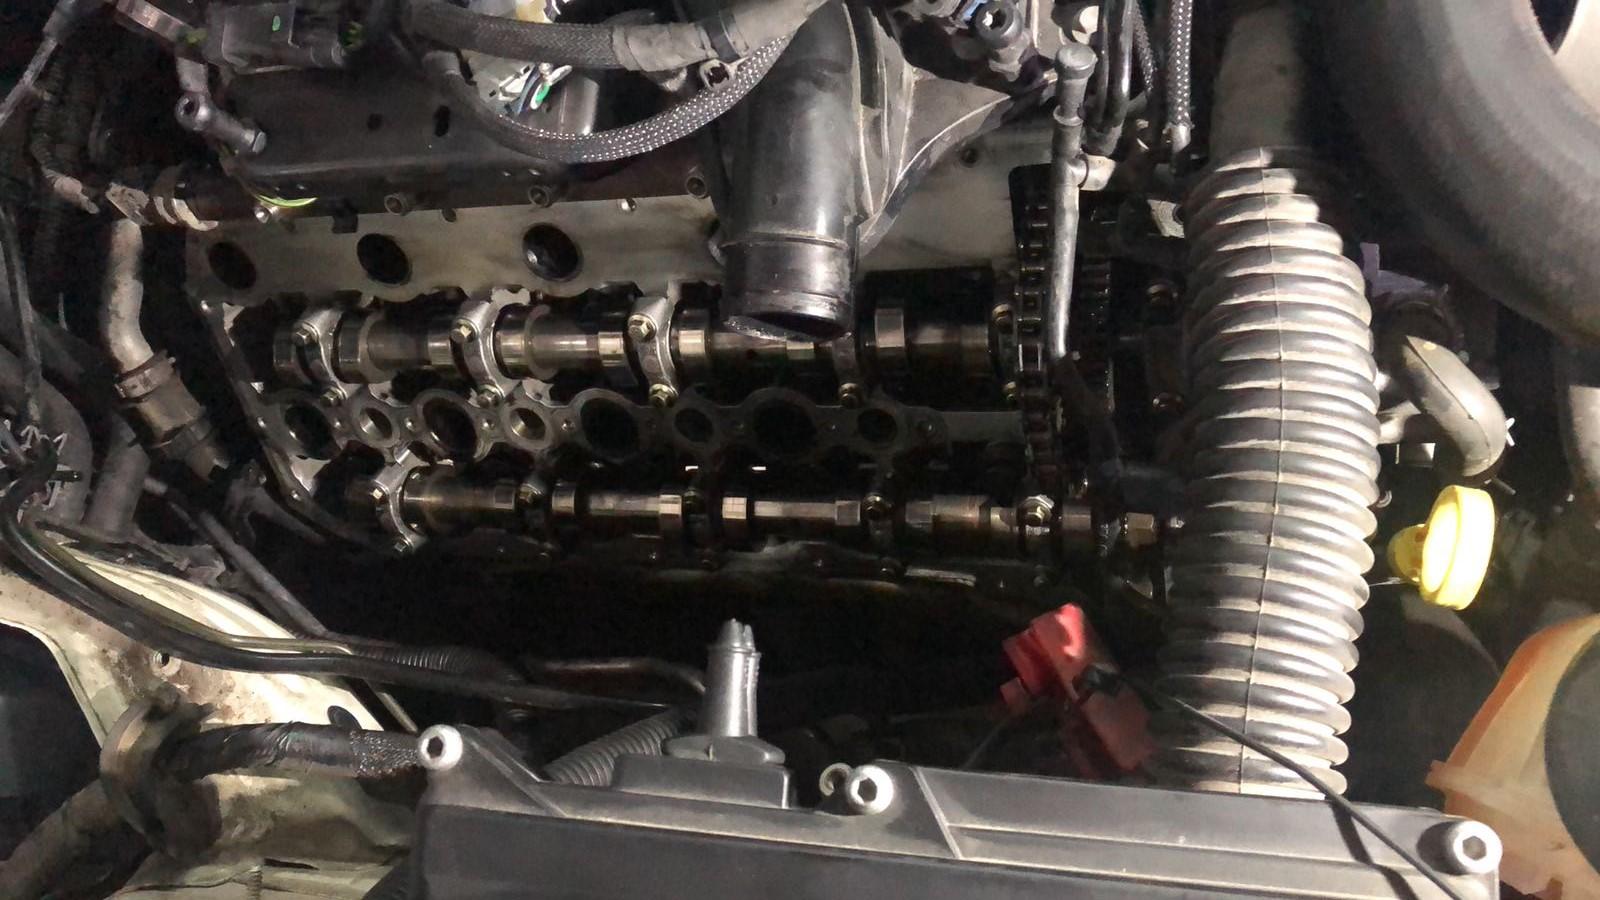 İzmir Range Rover Isıtma ve Soğutma Kalorifer ve Klima Sistemlerinin Bakım, Onarım ve Tamiri